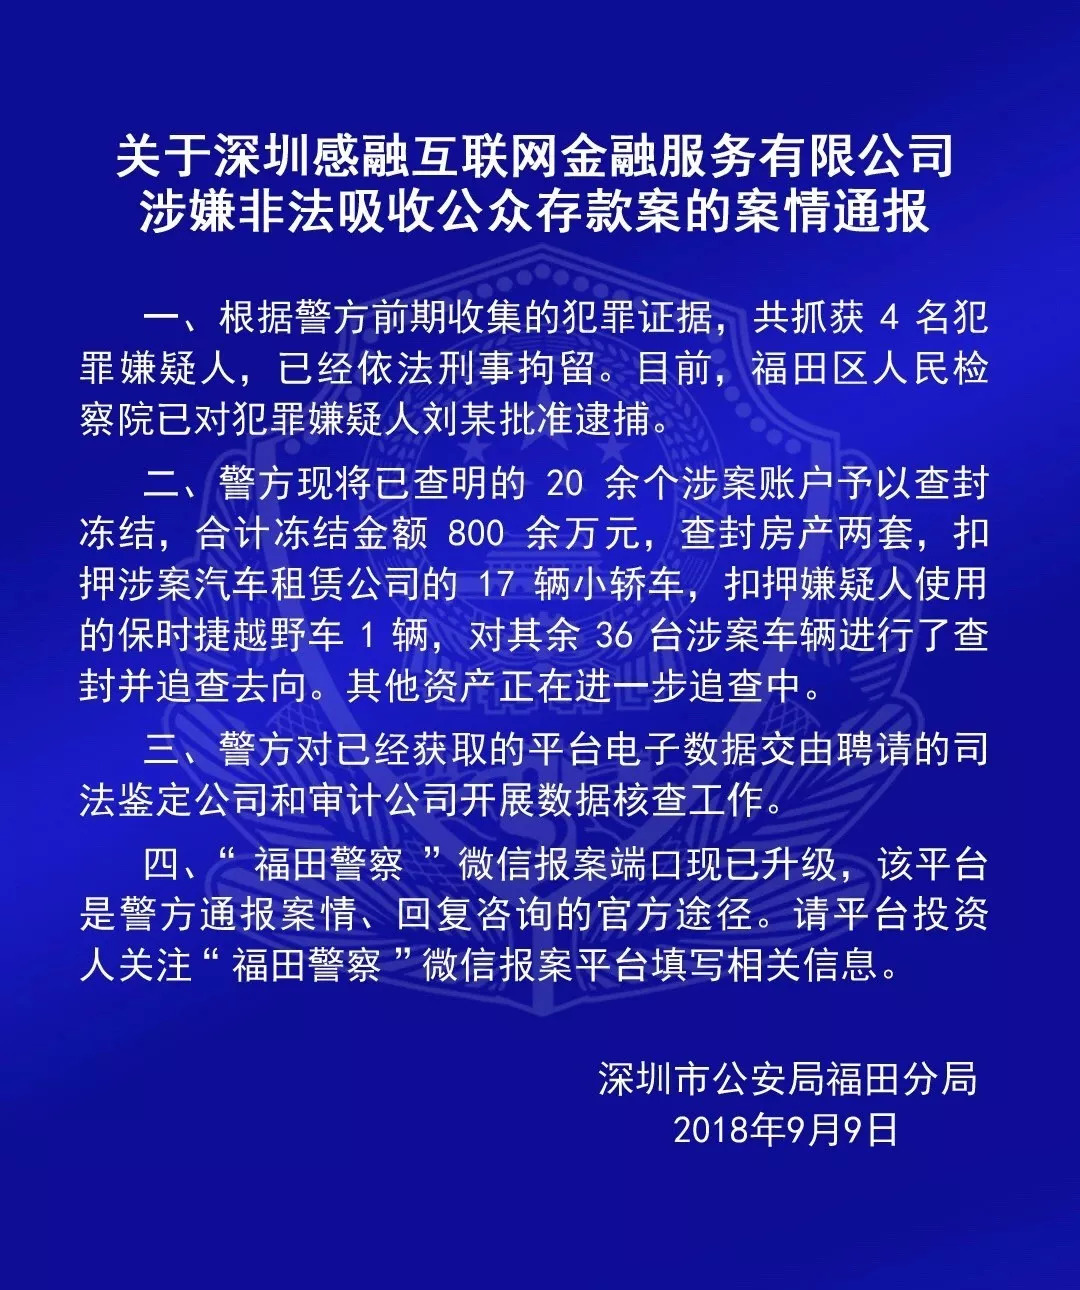 重磅!深圳警方查封房产65套,冻结上亿元资金6